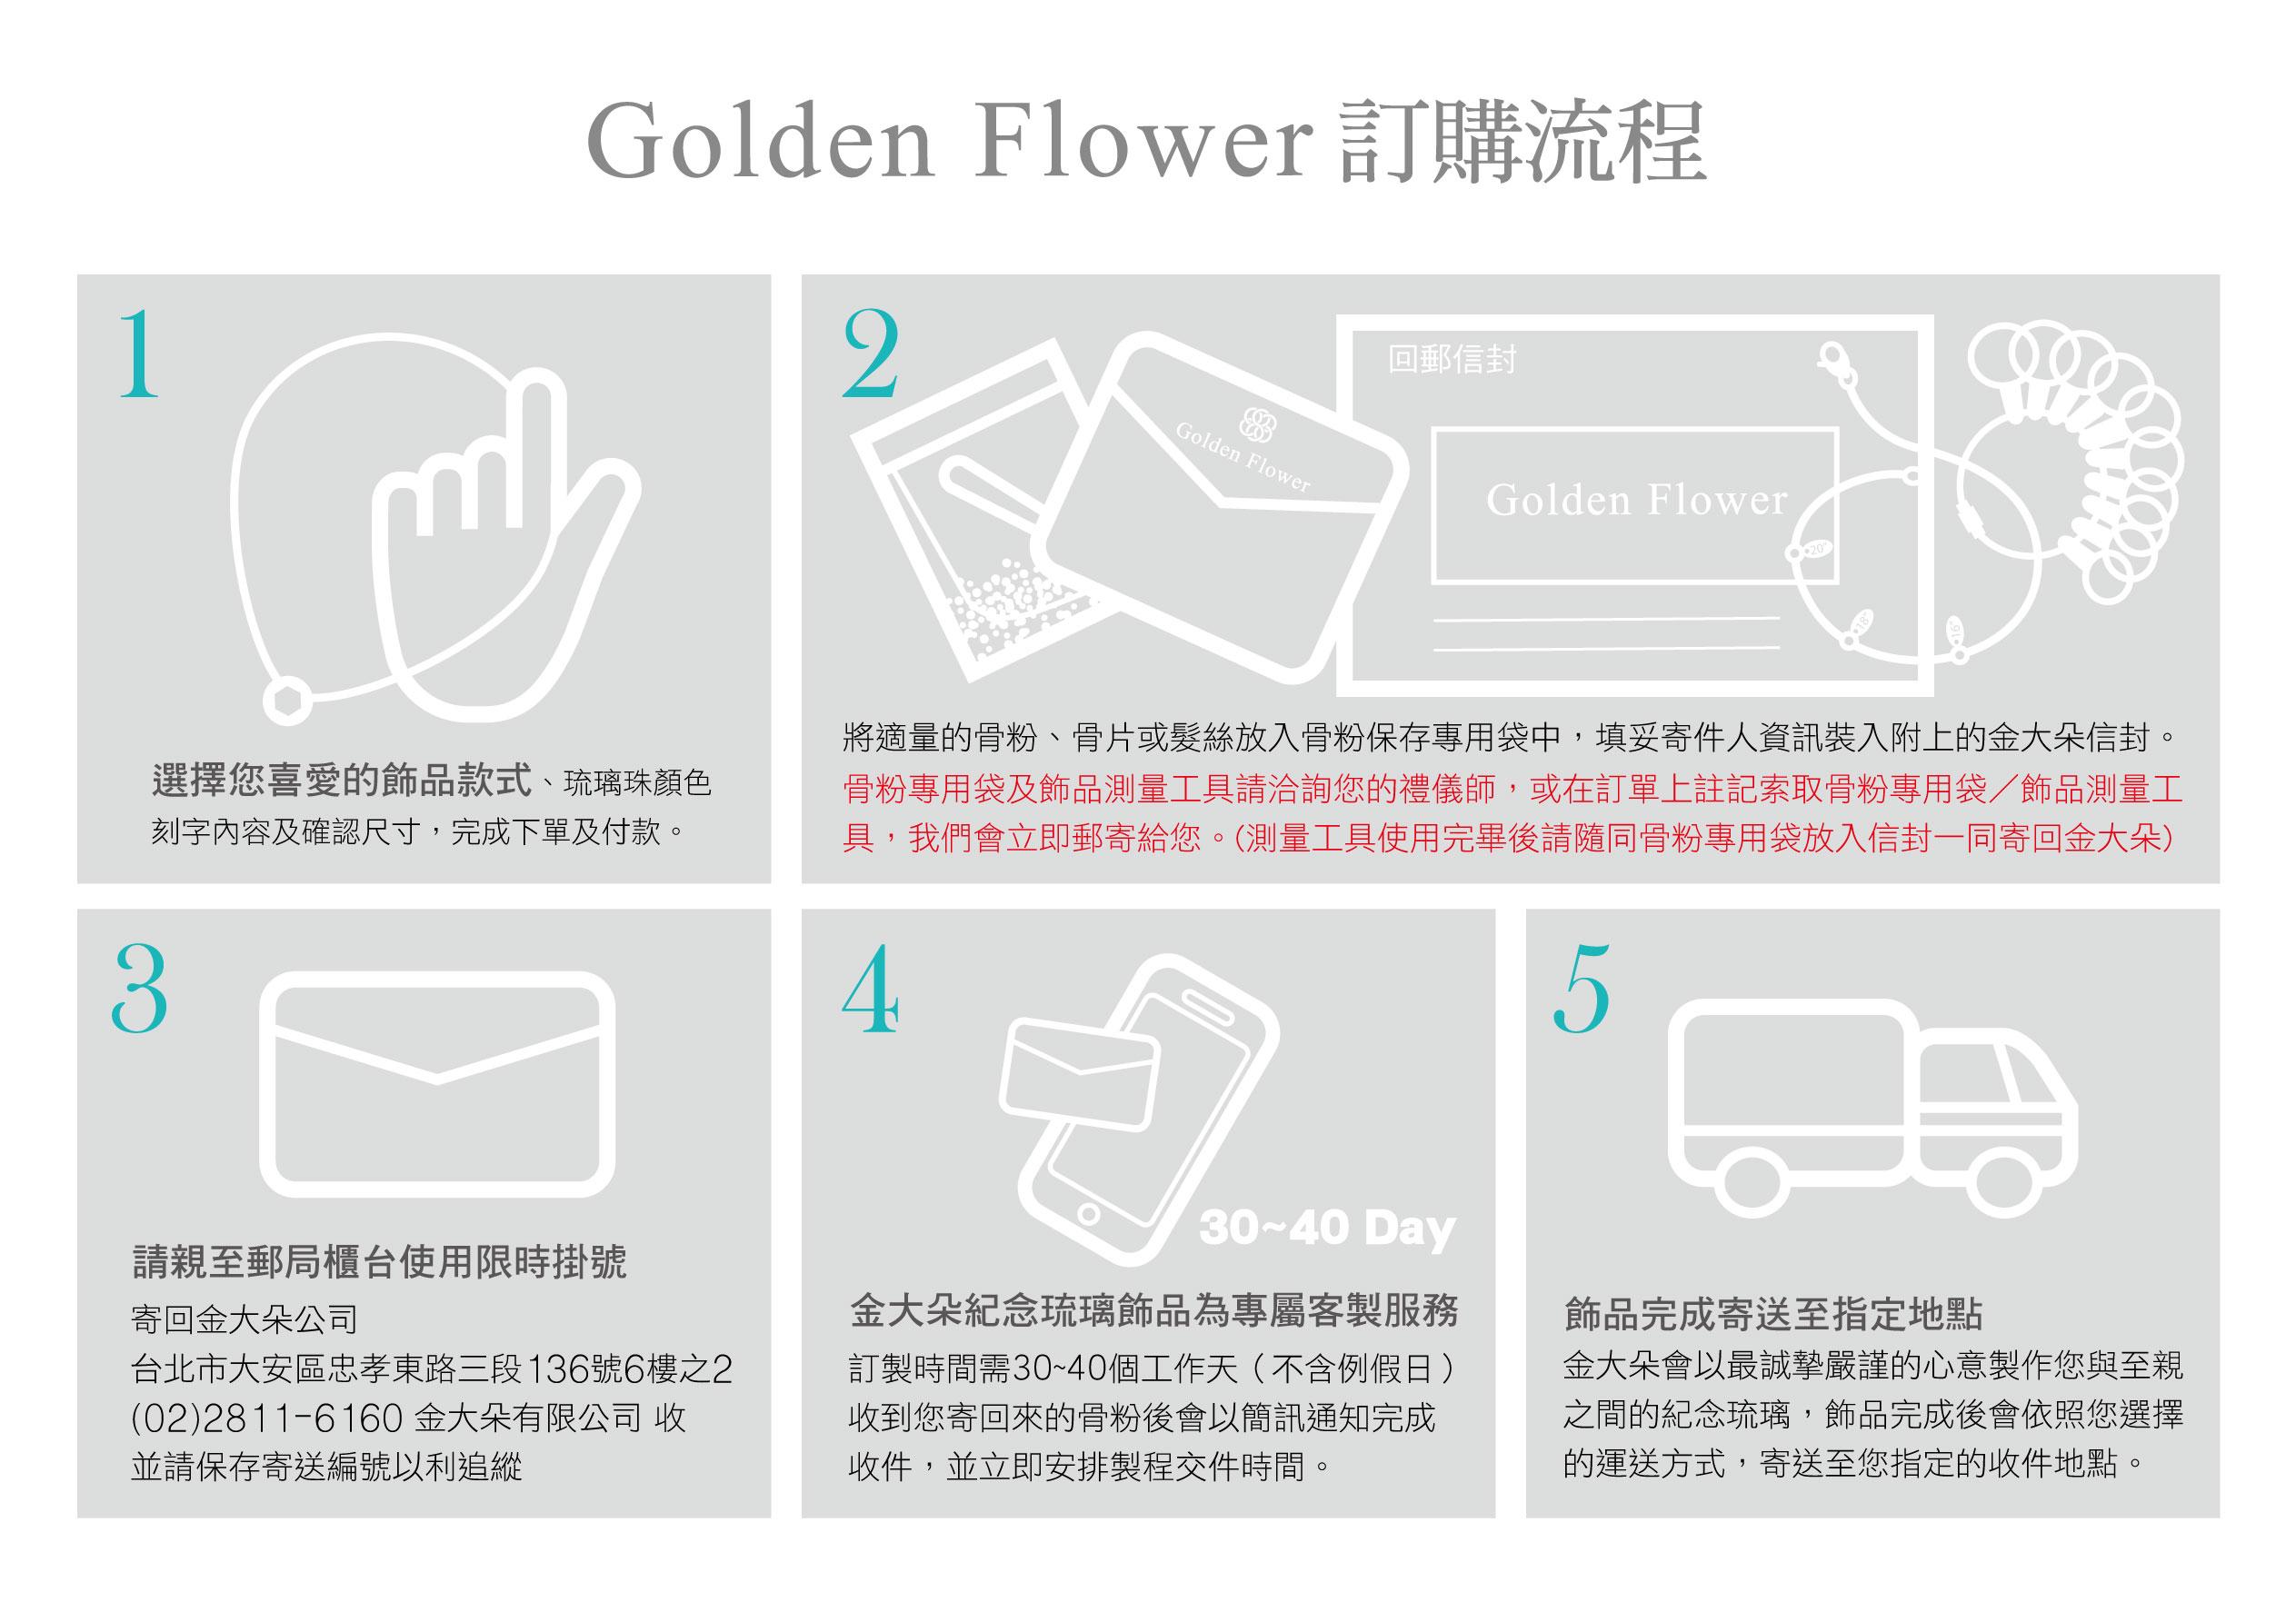 金大朵飾品訂購流程圖